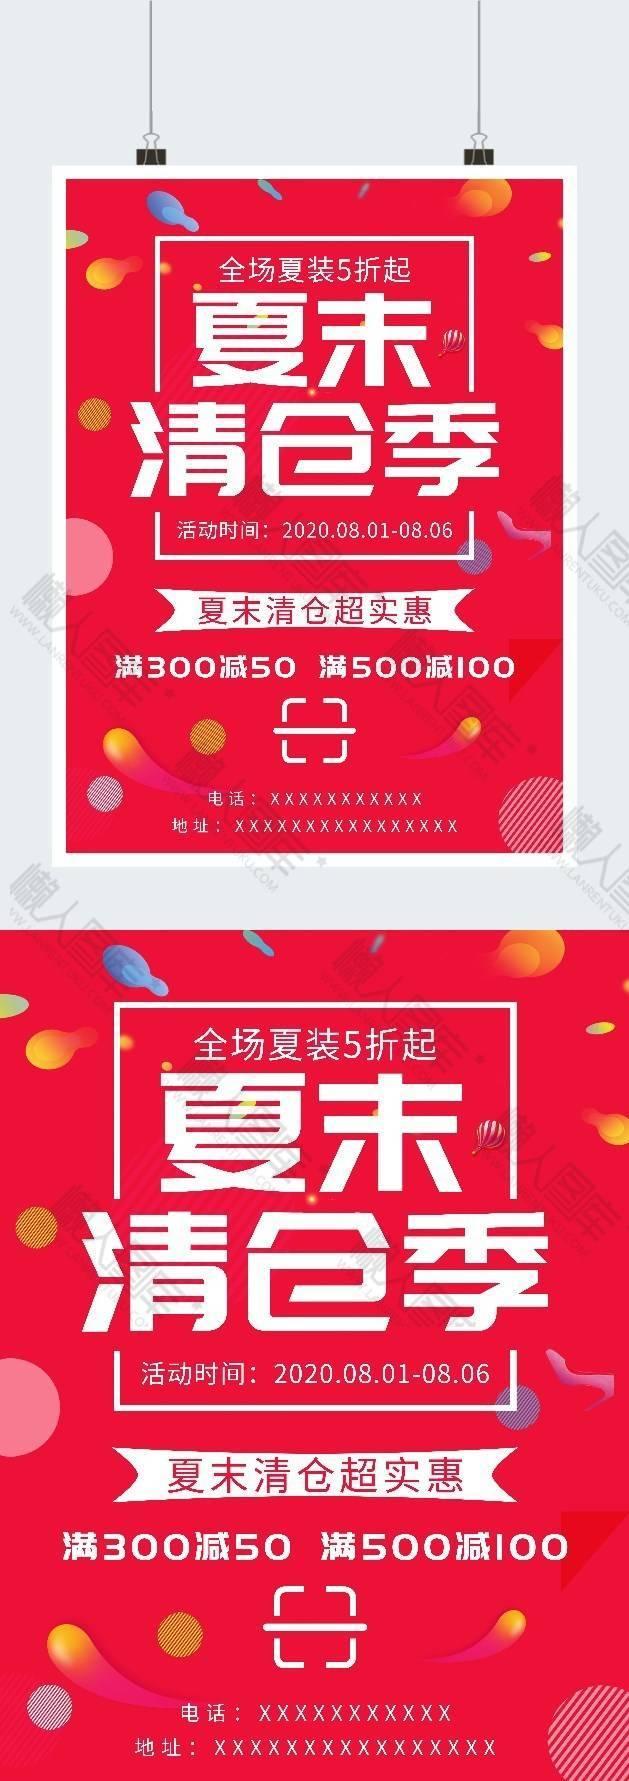 夏末清仓广告图片图2